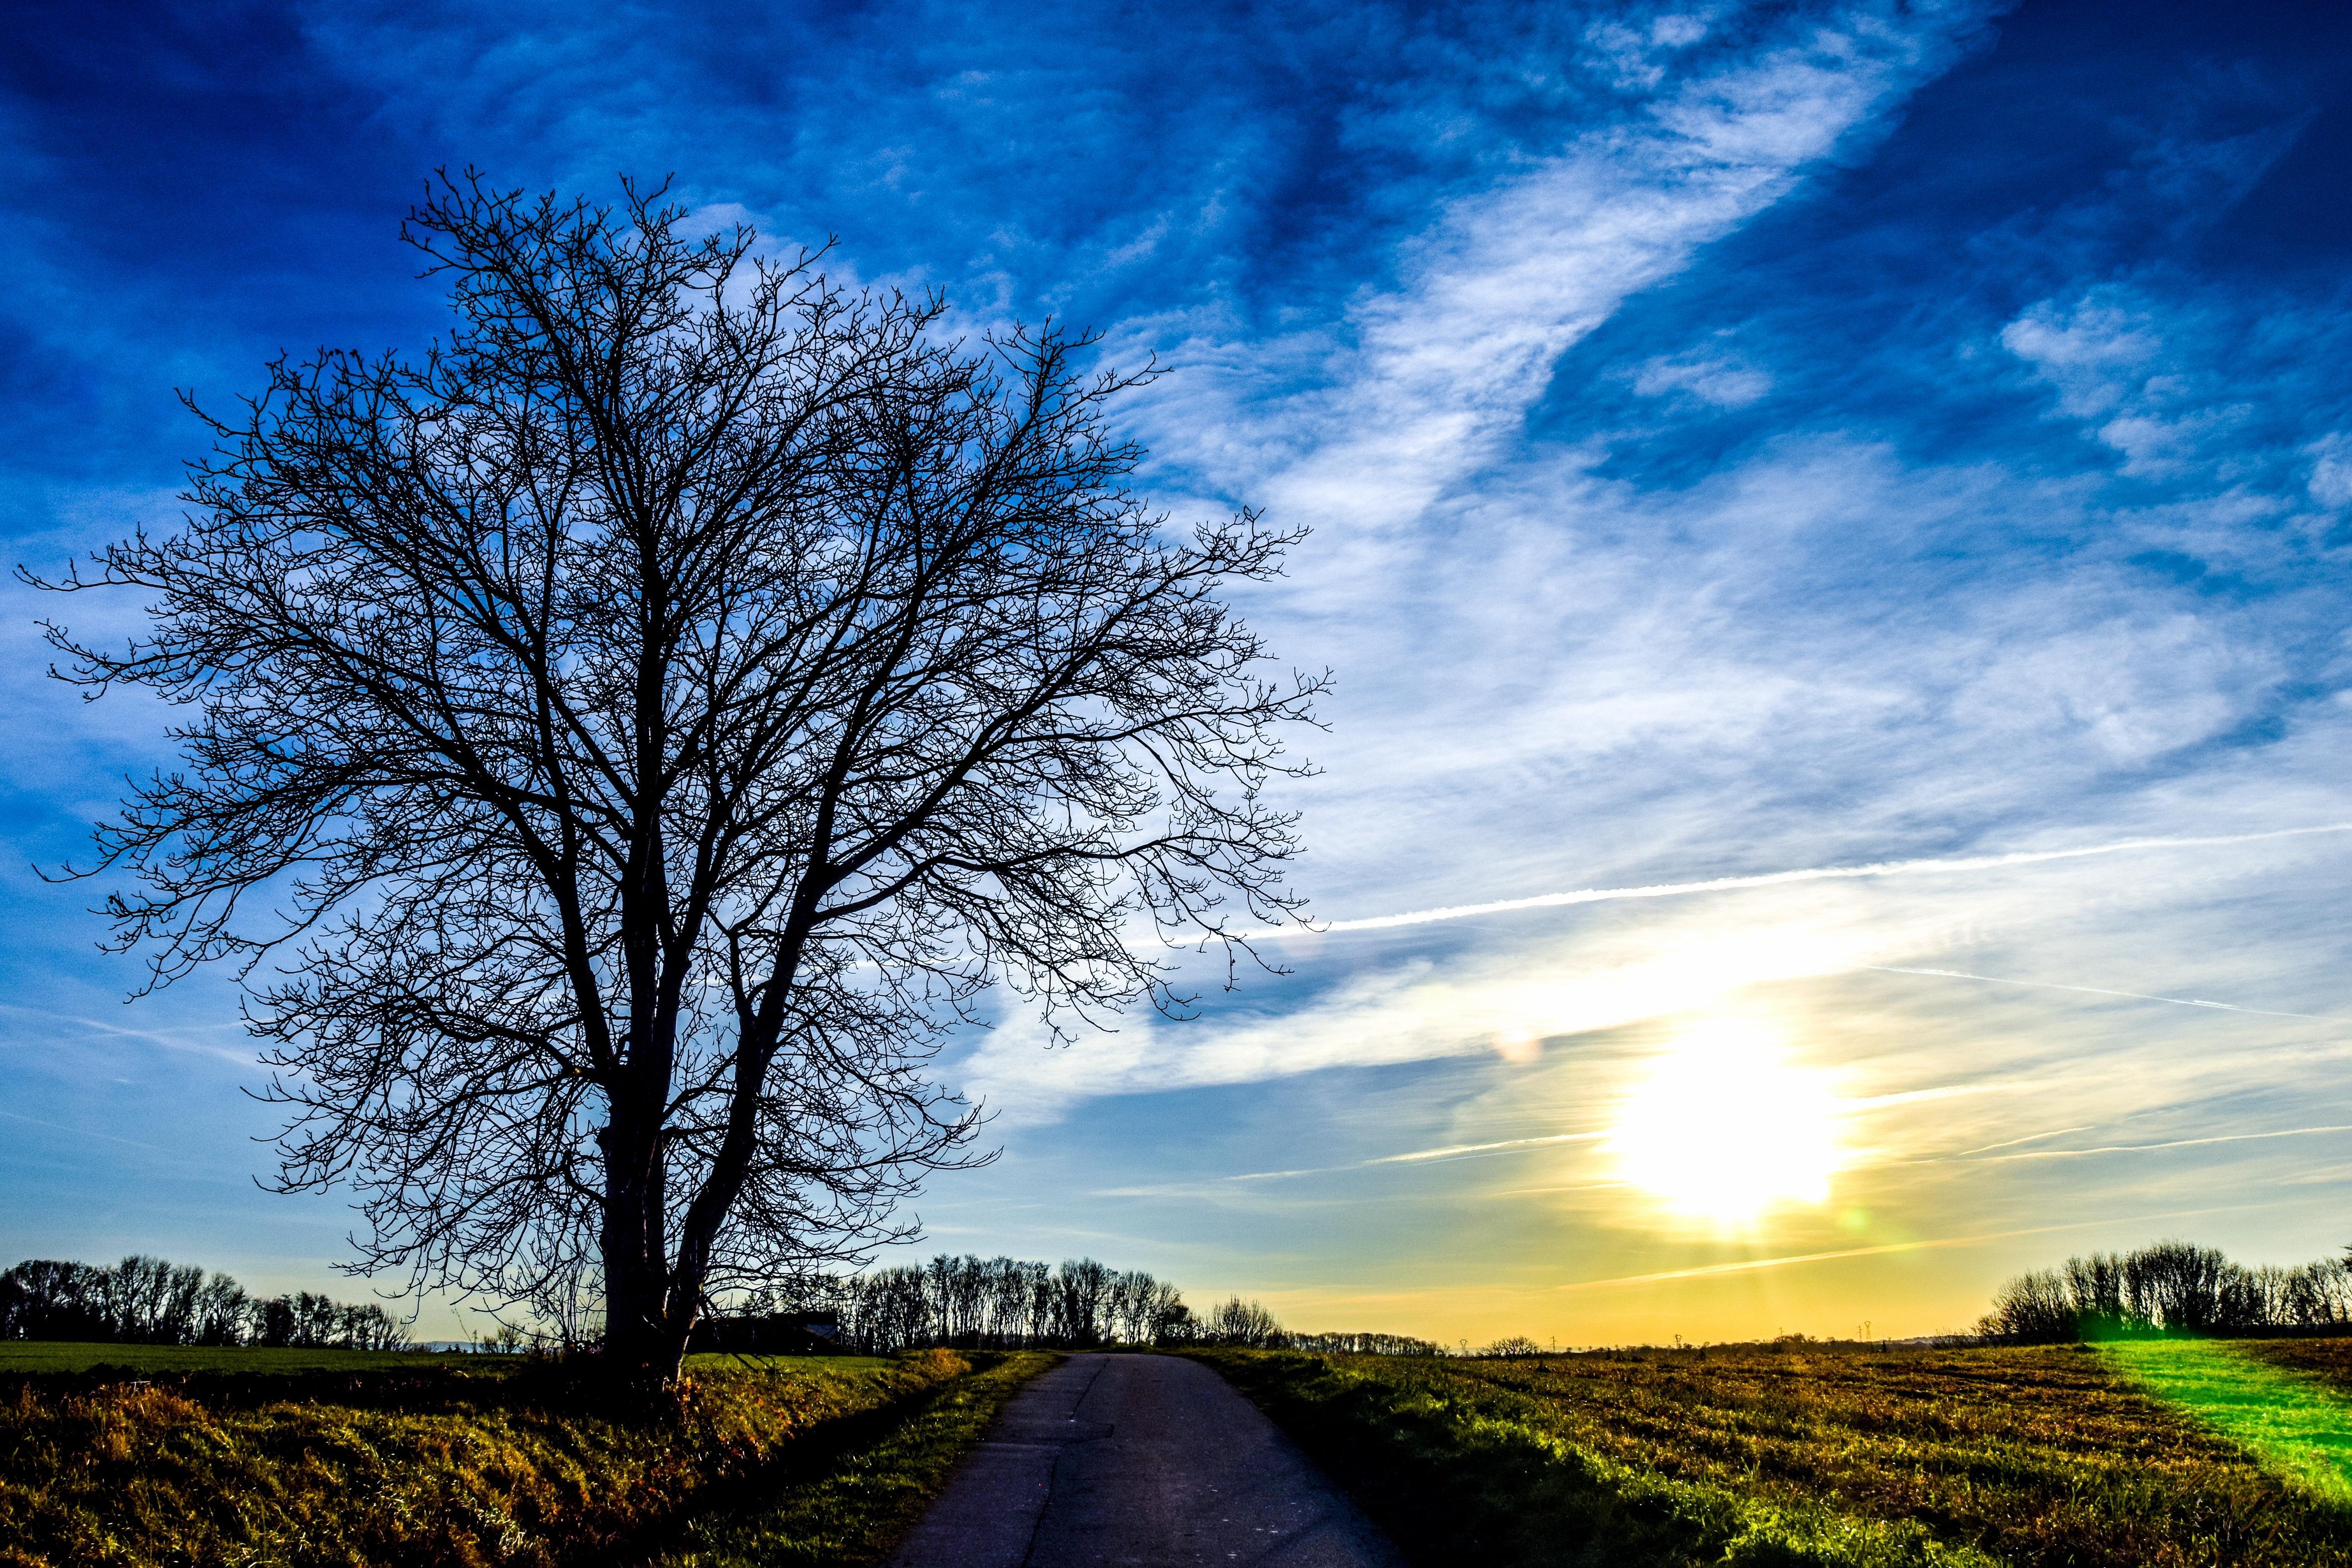 обои закат, дорога, поле, дерево картинки фото